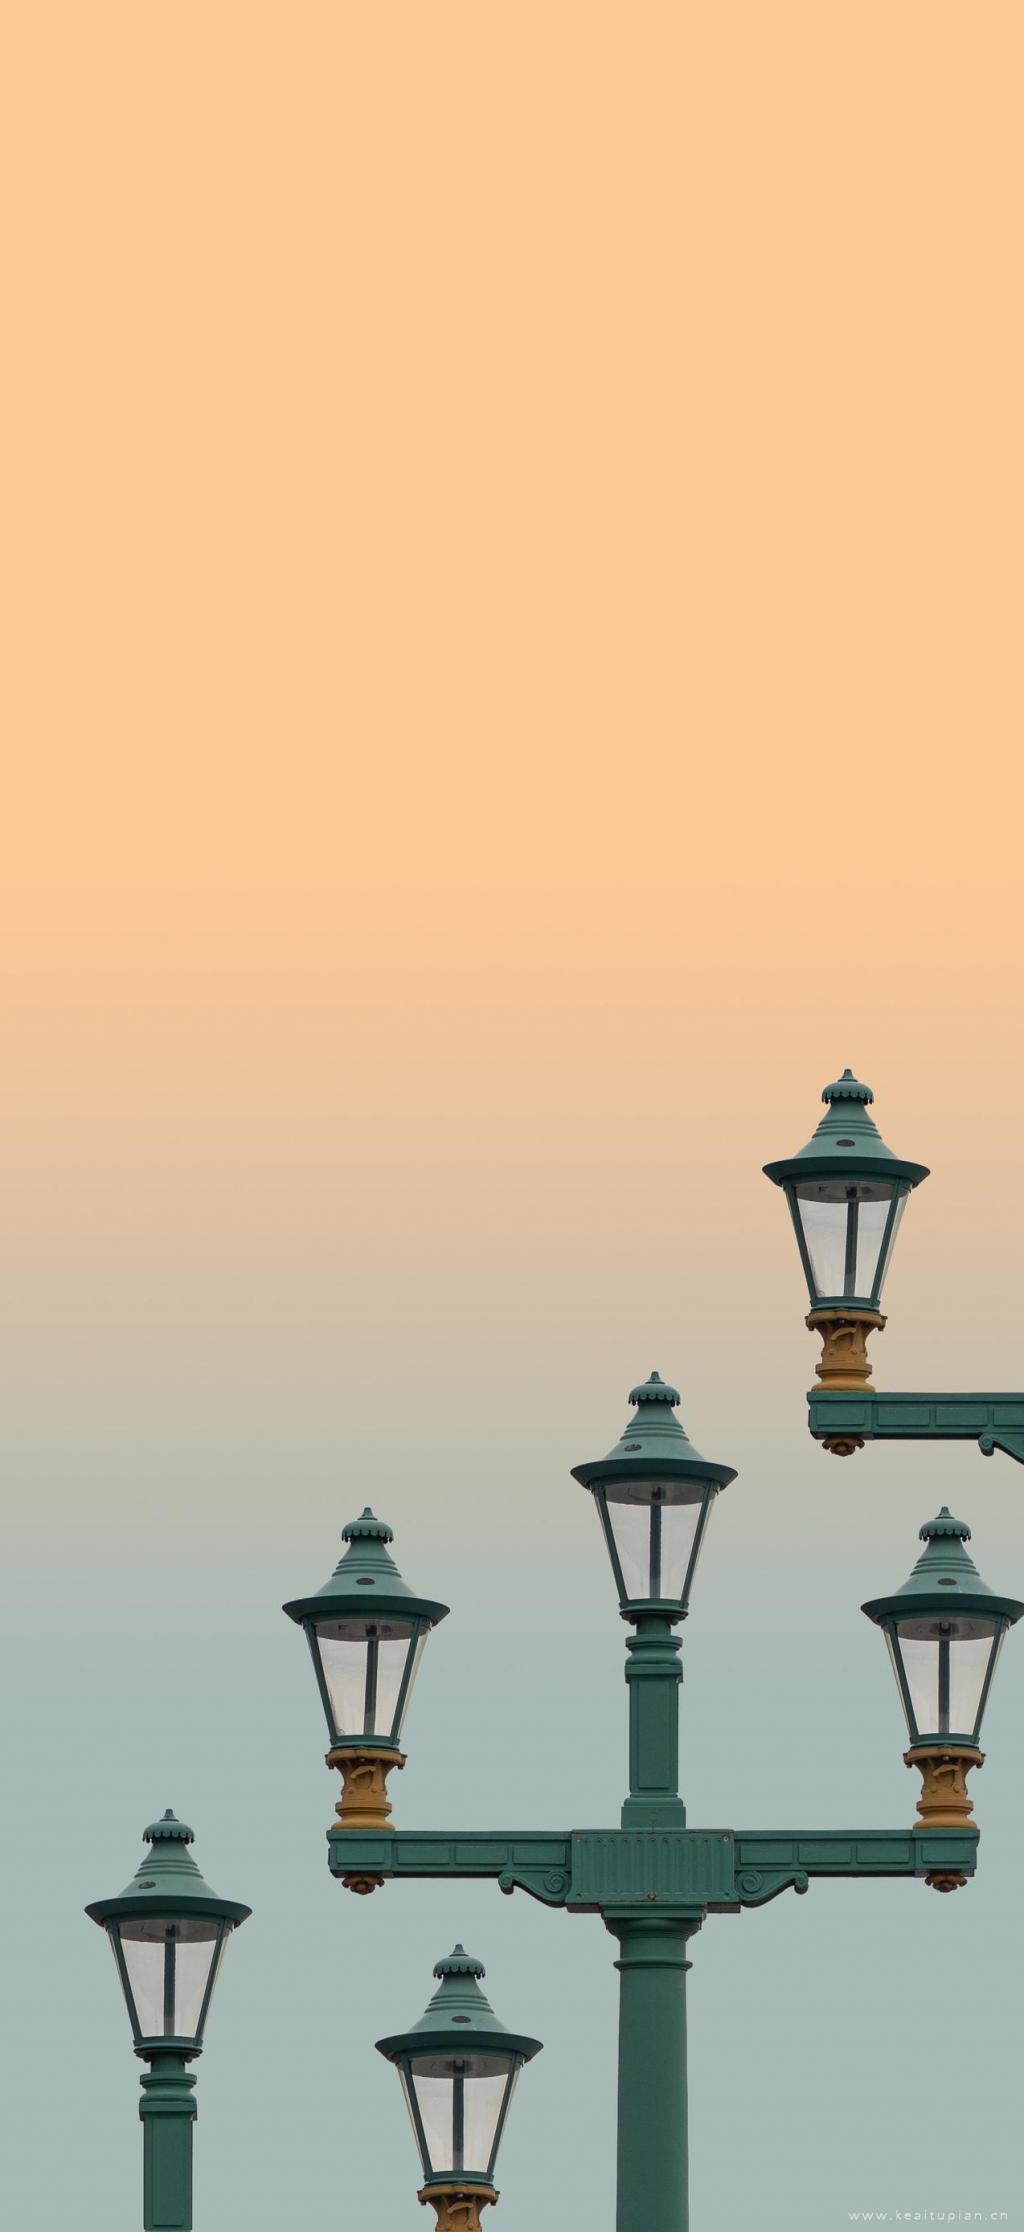 黄昏下的路灯高清唯美意境手机壁纸图片